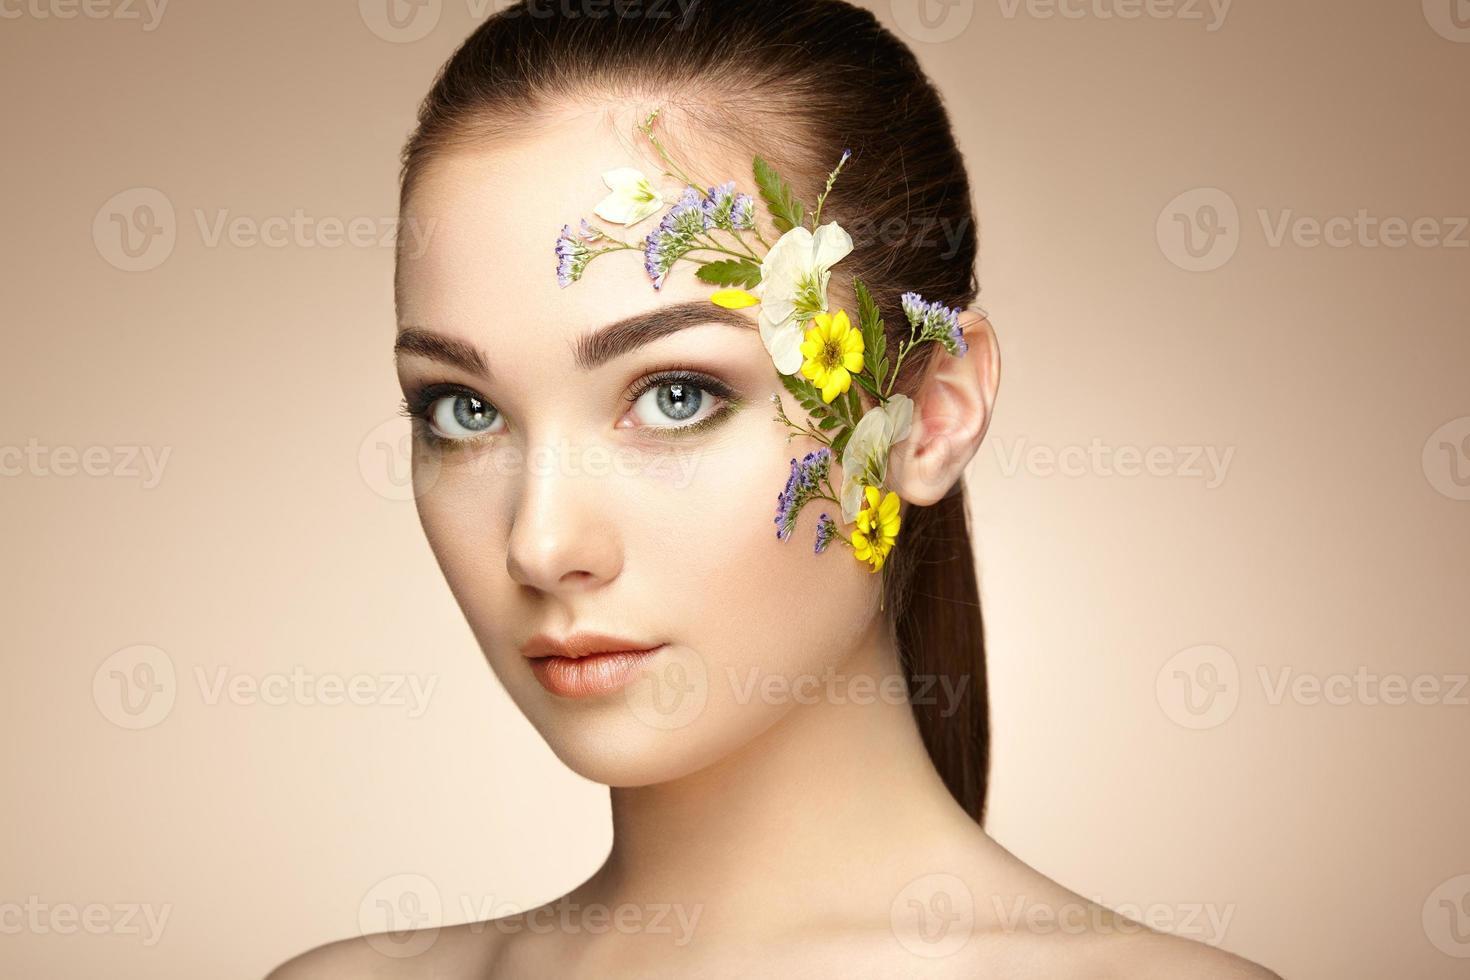 ansikte av vacker kvinna dekorerad med blommor foto